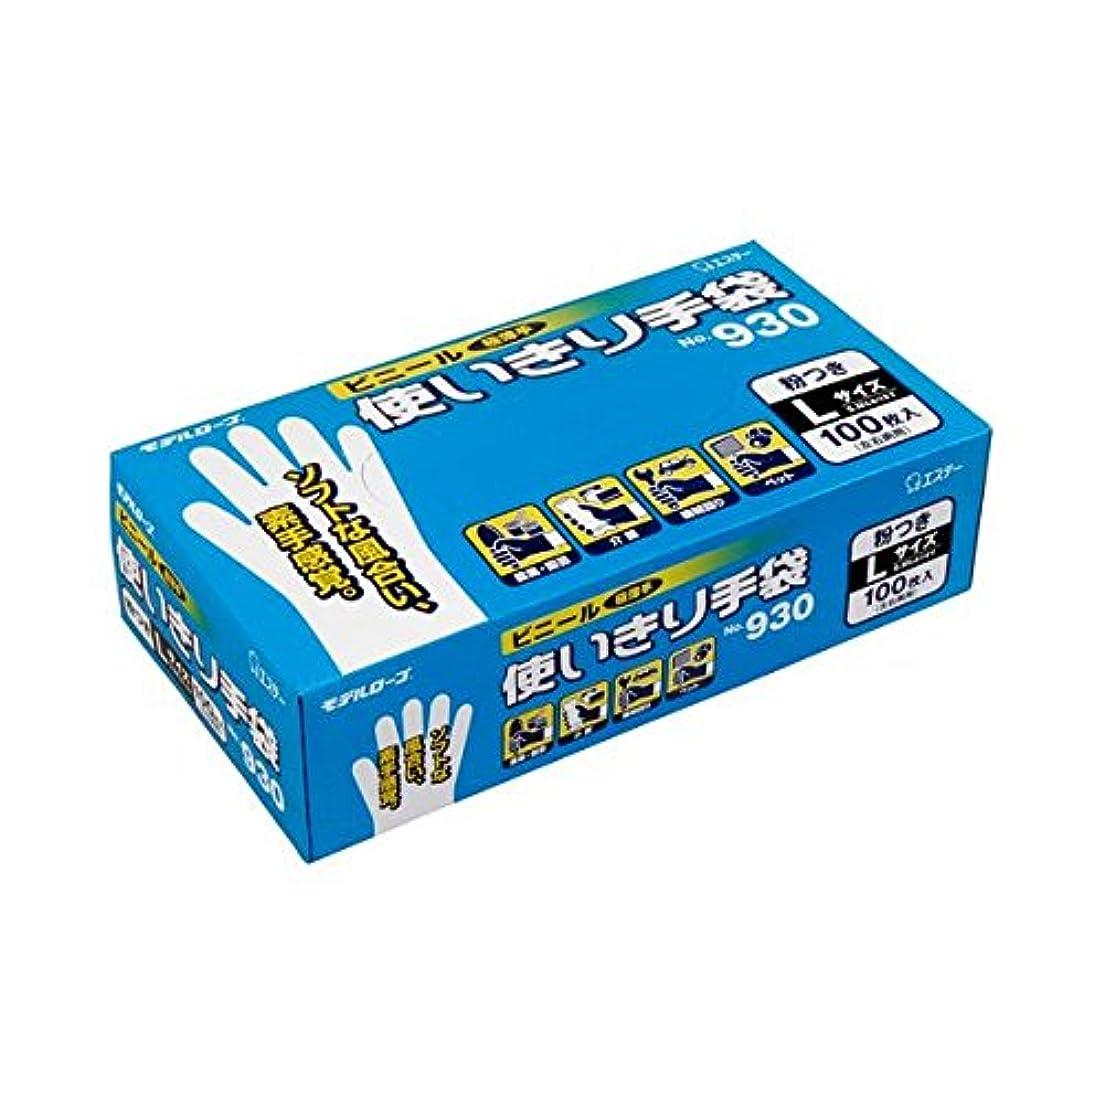 とまり木有名な食い違いエステー No.930 ビニール使いきり手袋(粉付) L 1箱(100枚) (×5セット)